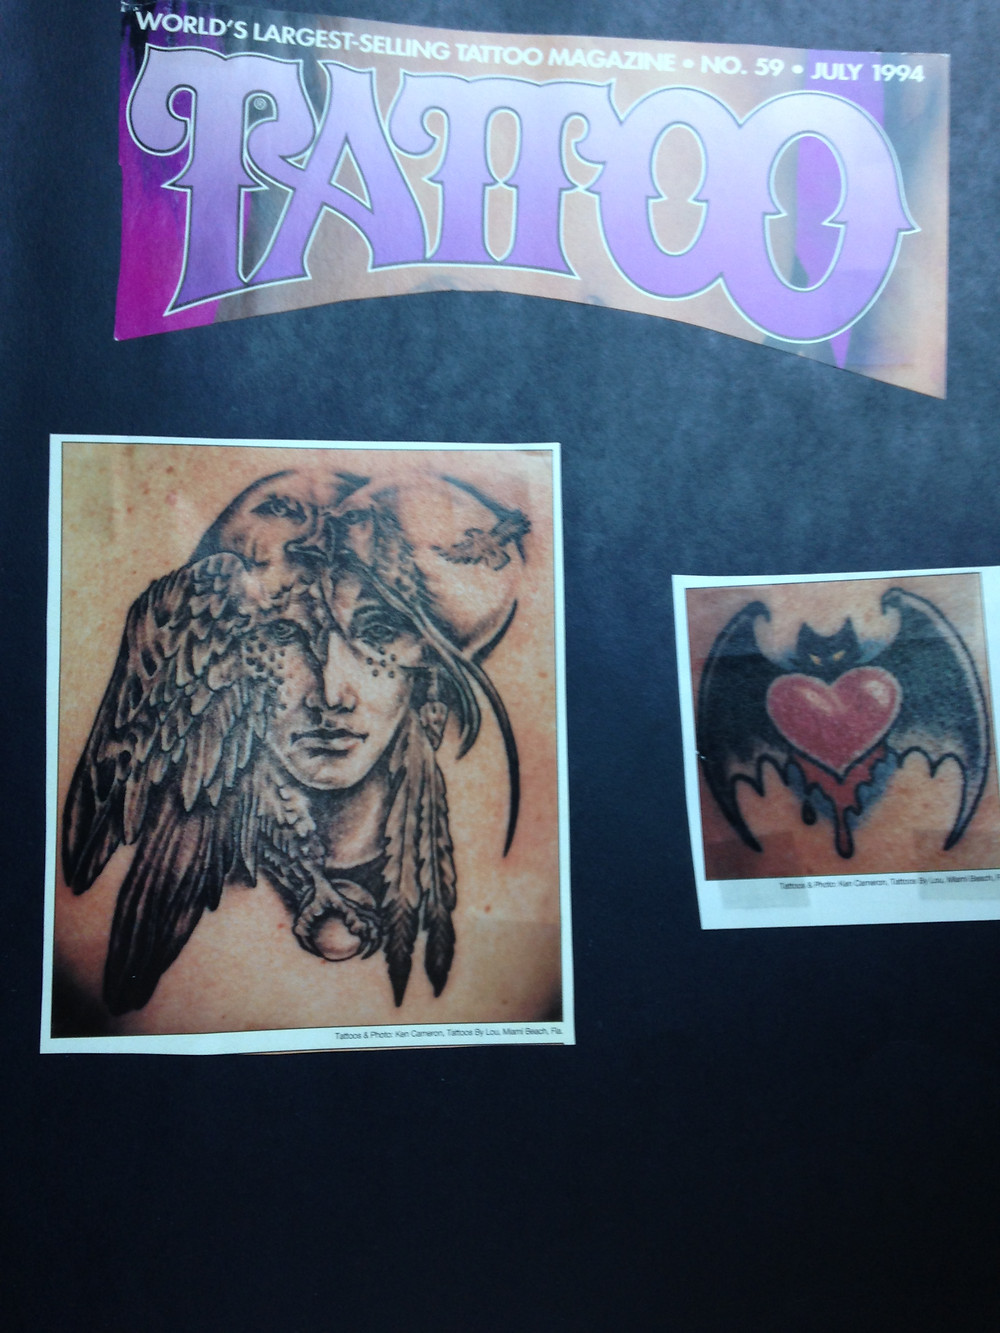 Tattoo Magazine July 1994